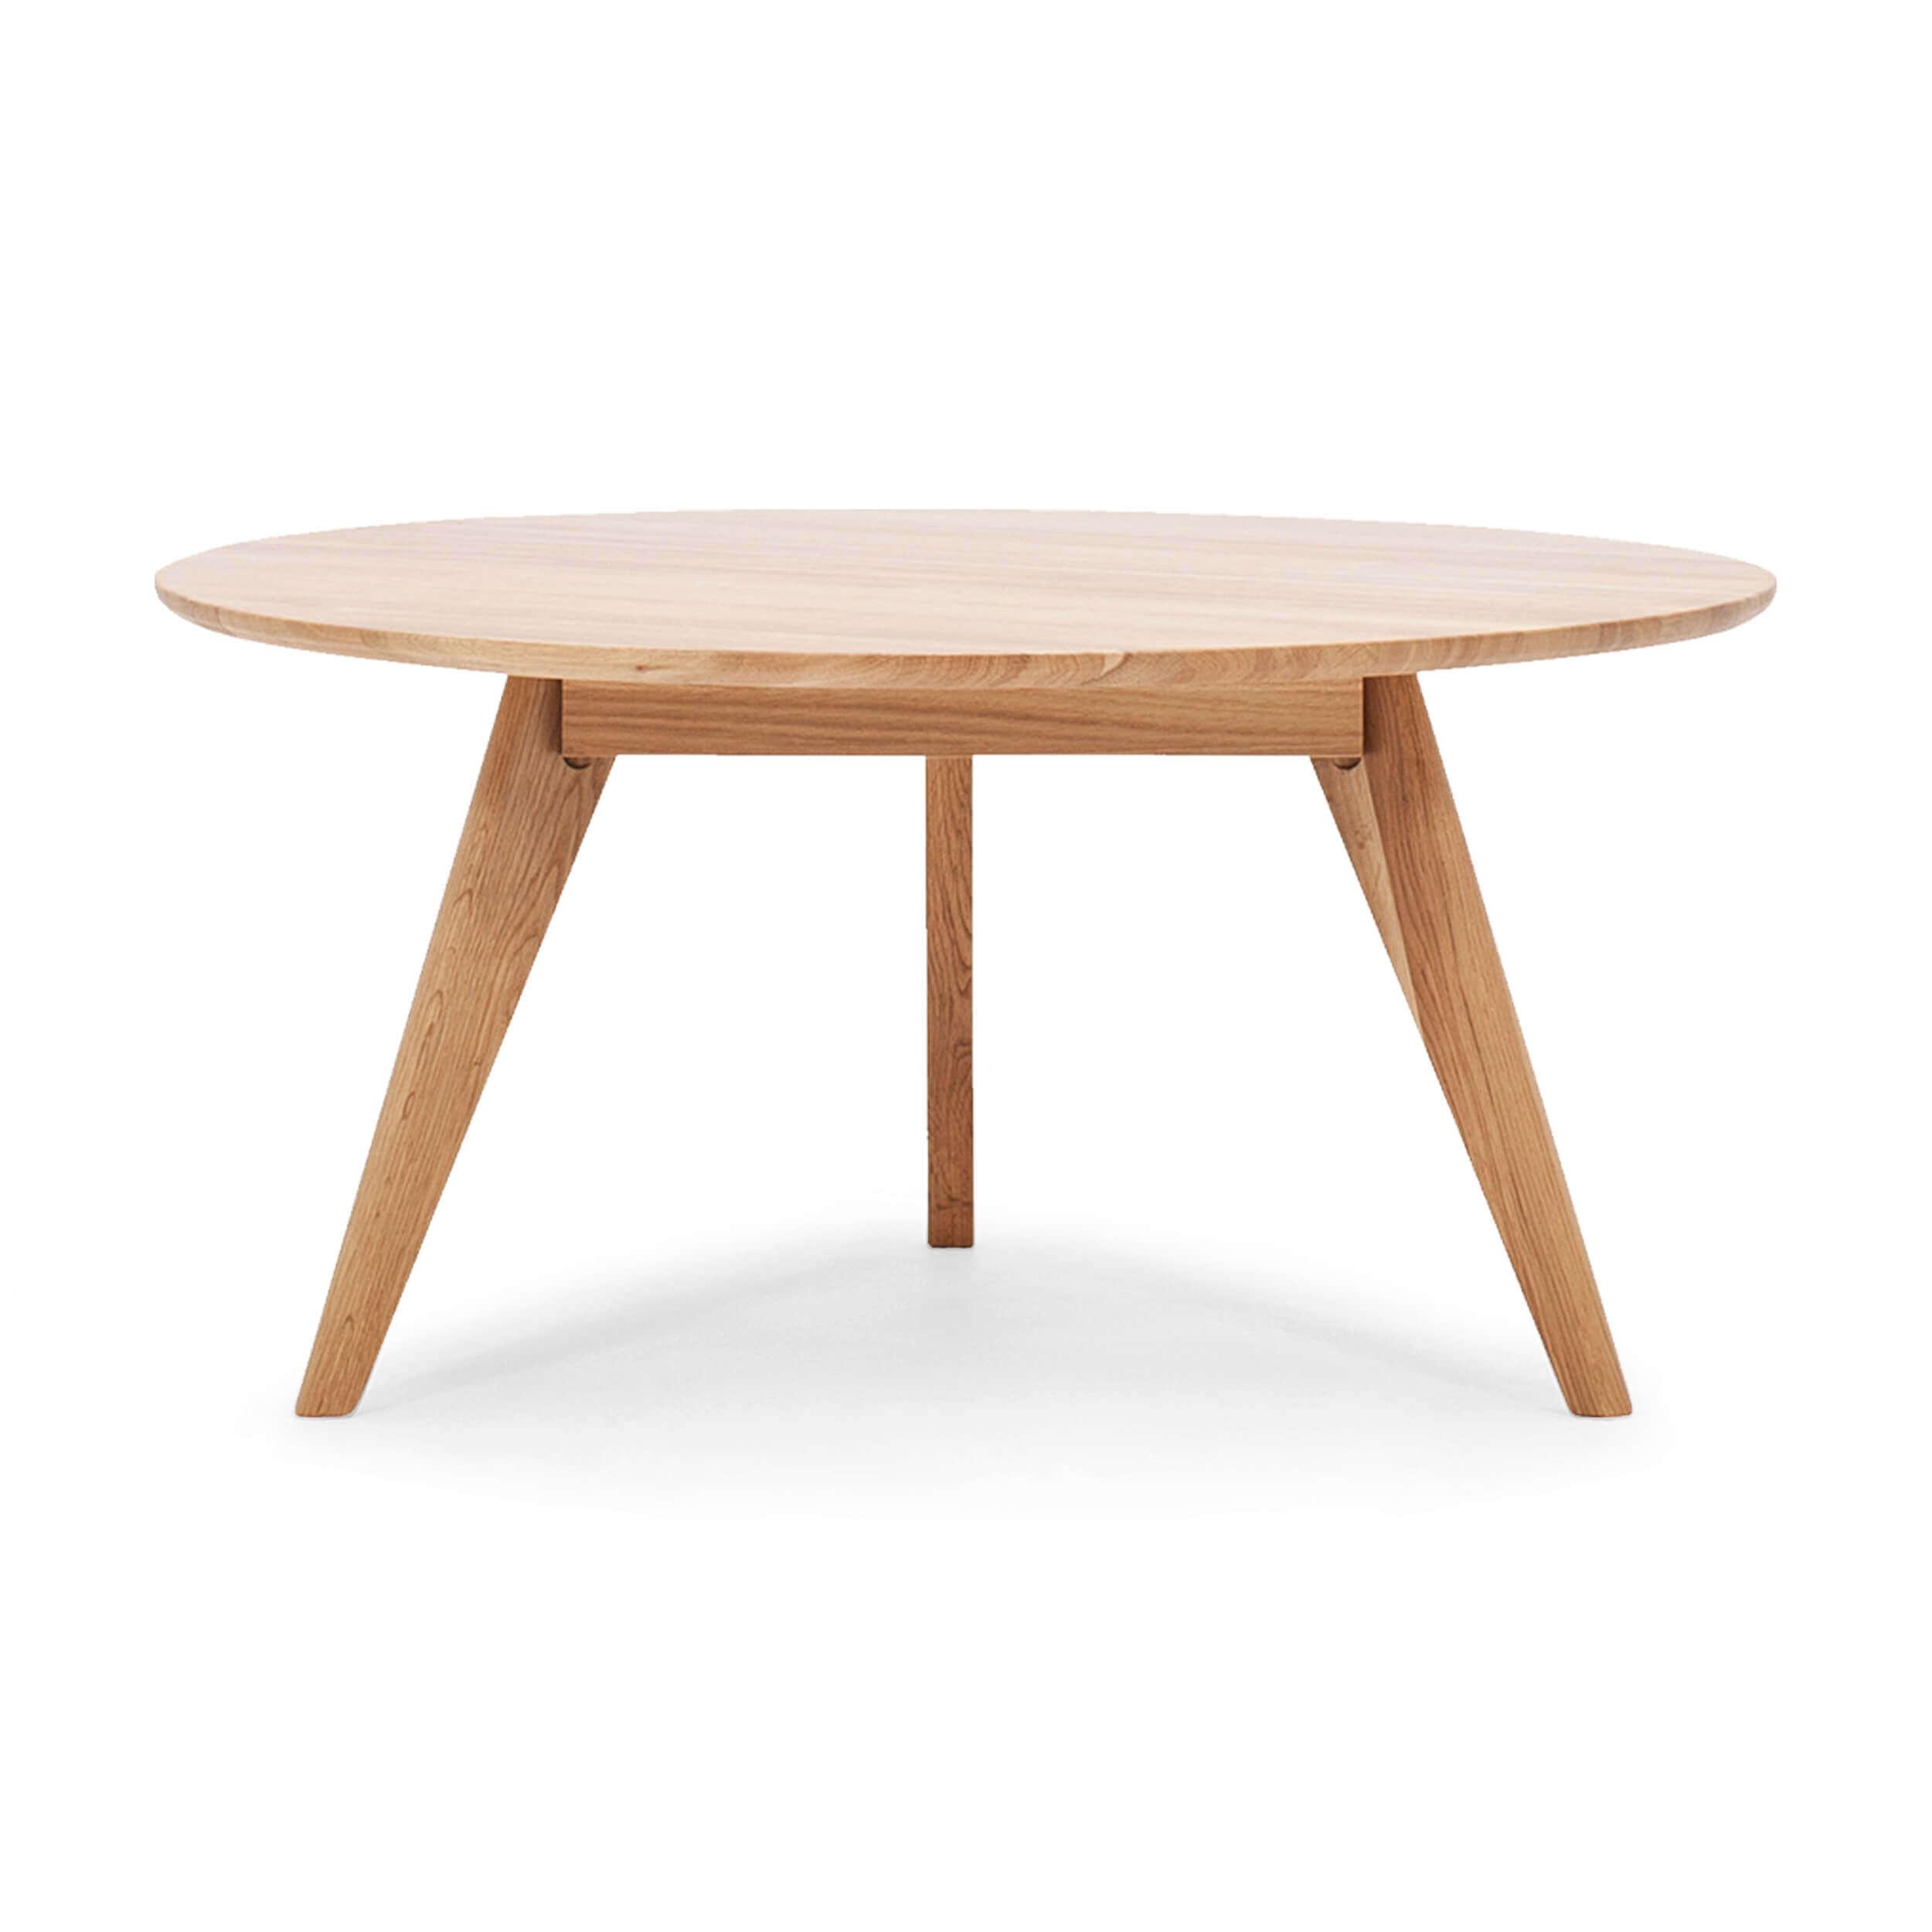 Peachy Tate Coffee Table Machost Co Dining Chair Design Ideas Machostcouk